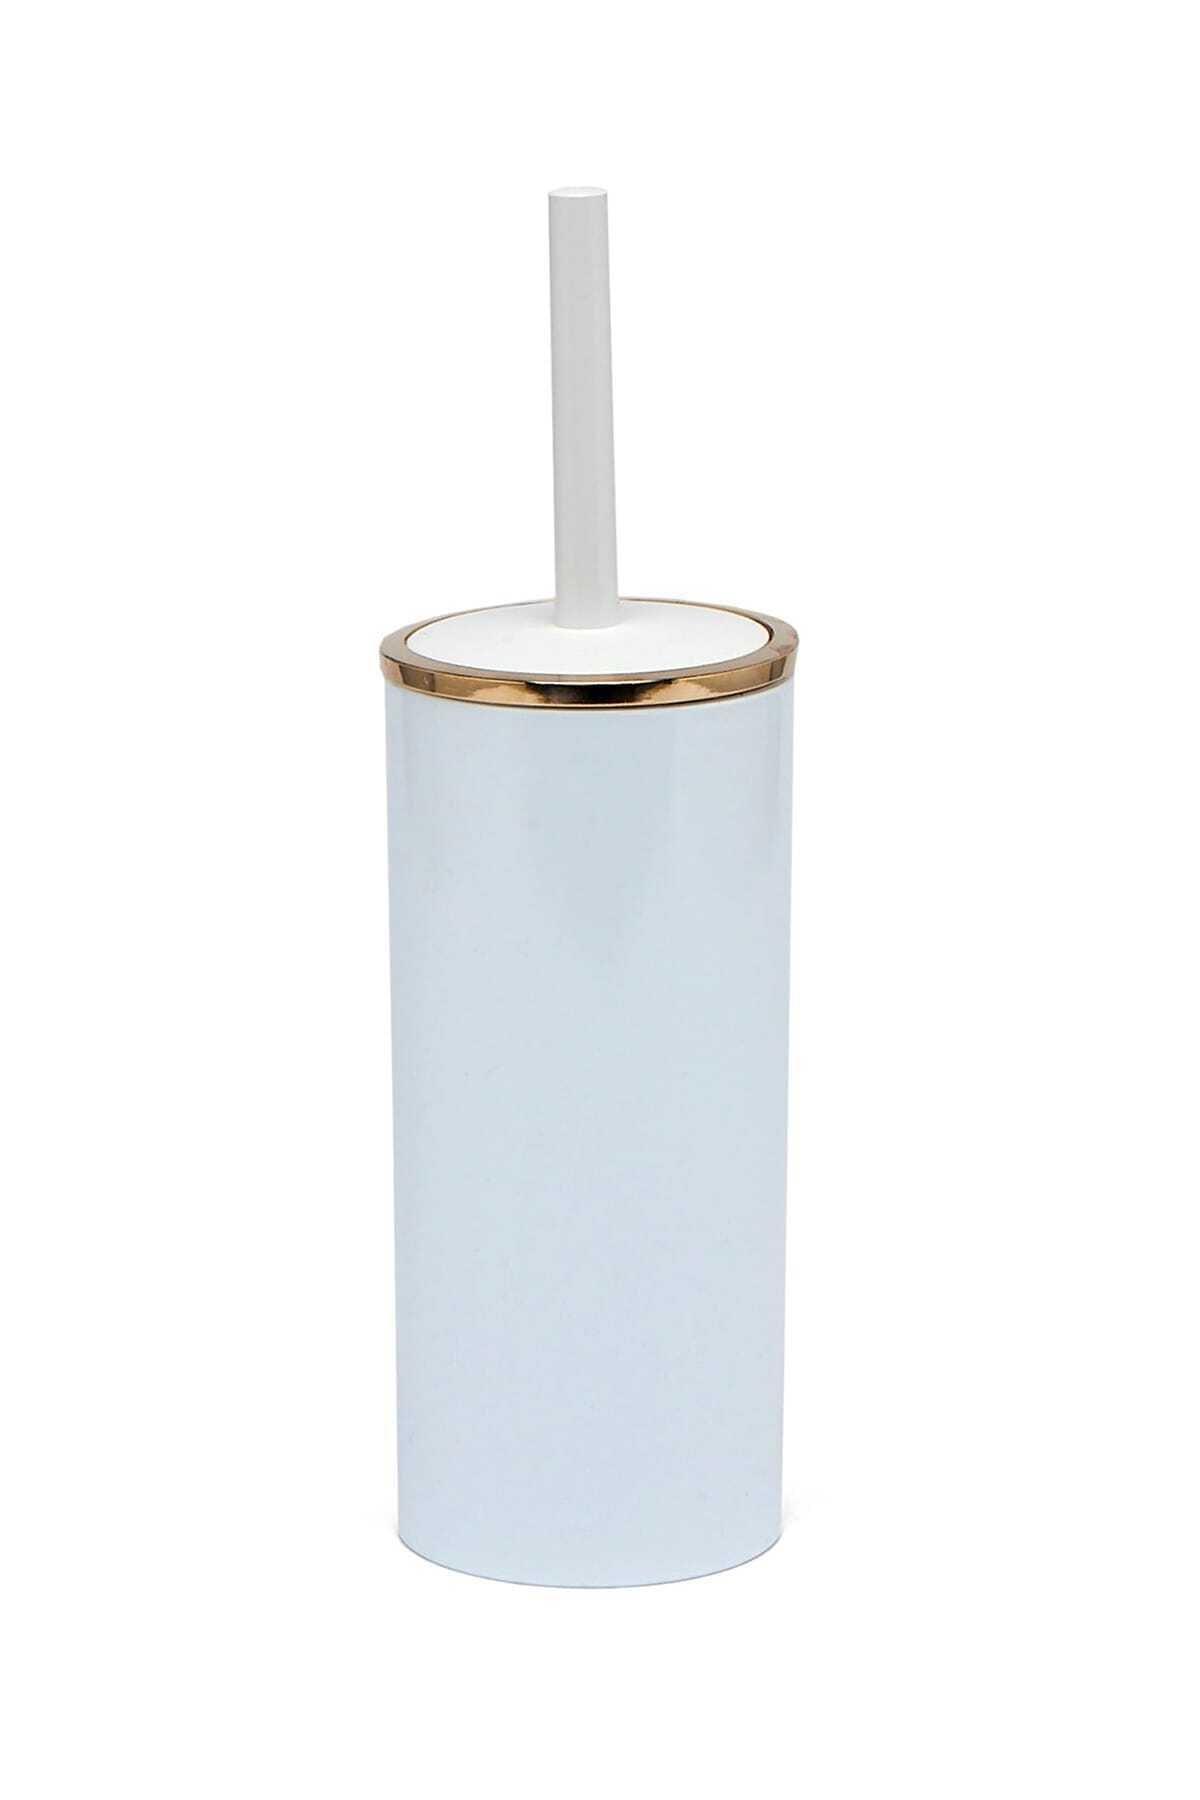 Beyaz Altın Renk Lenox Tuvalet Fırçası